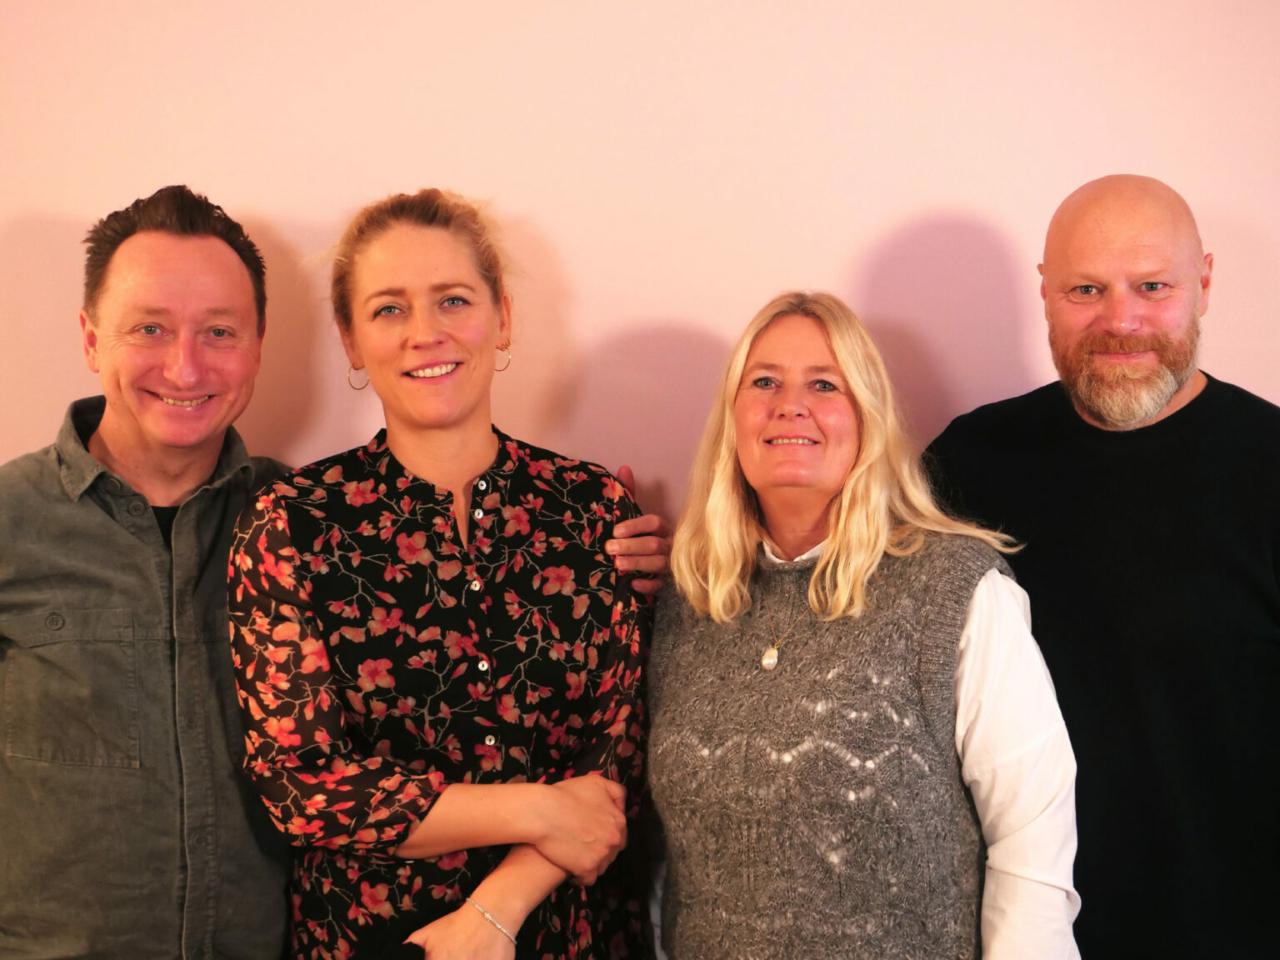 Søren Fauli, Annika Lillelund Fauli, Mads Steffensen og Marianne Foldberg Steffensen til Storydays